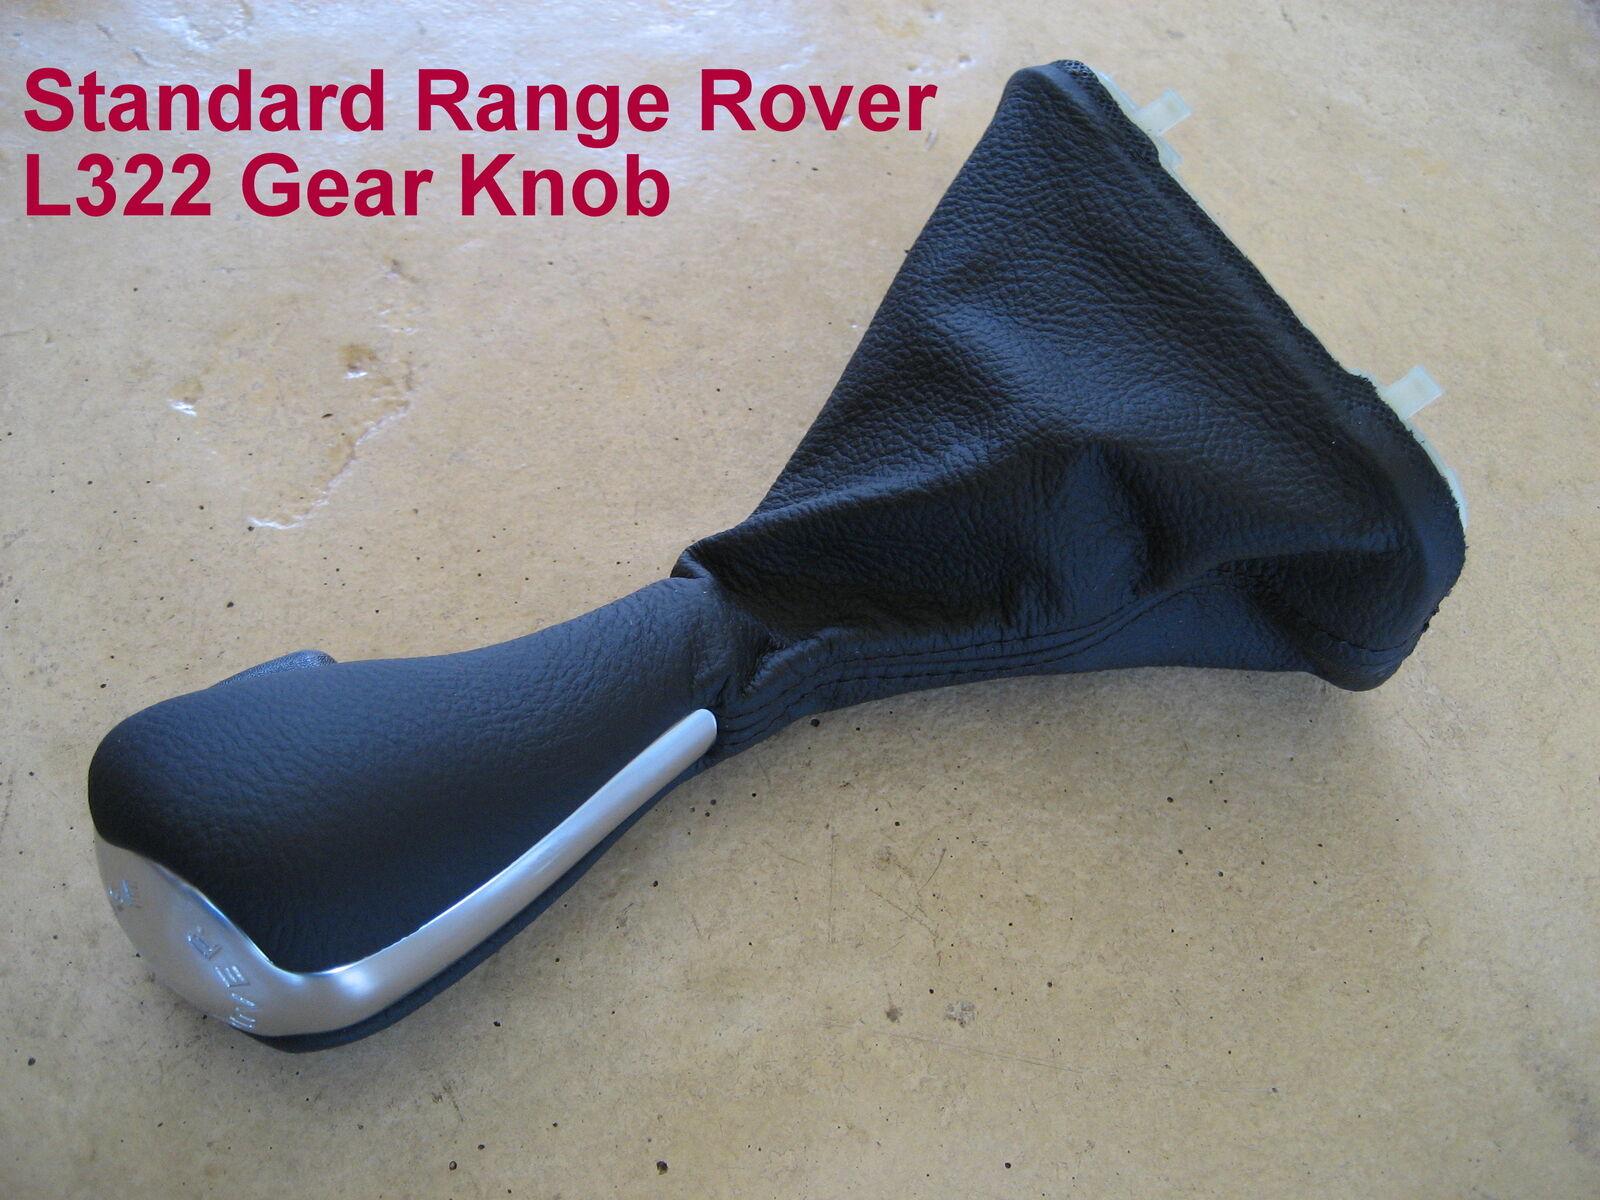 Range Rover L322 autobiographie Gear Knob Stick Noir Piano VOGUE Shift